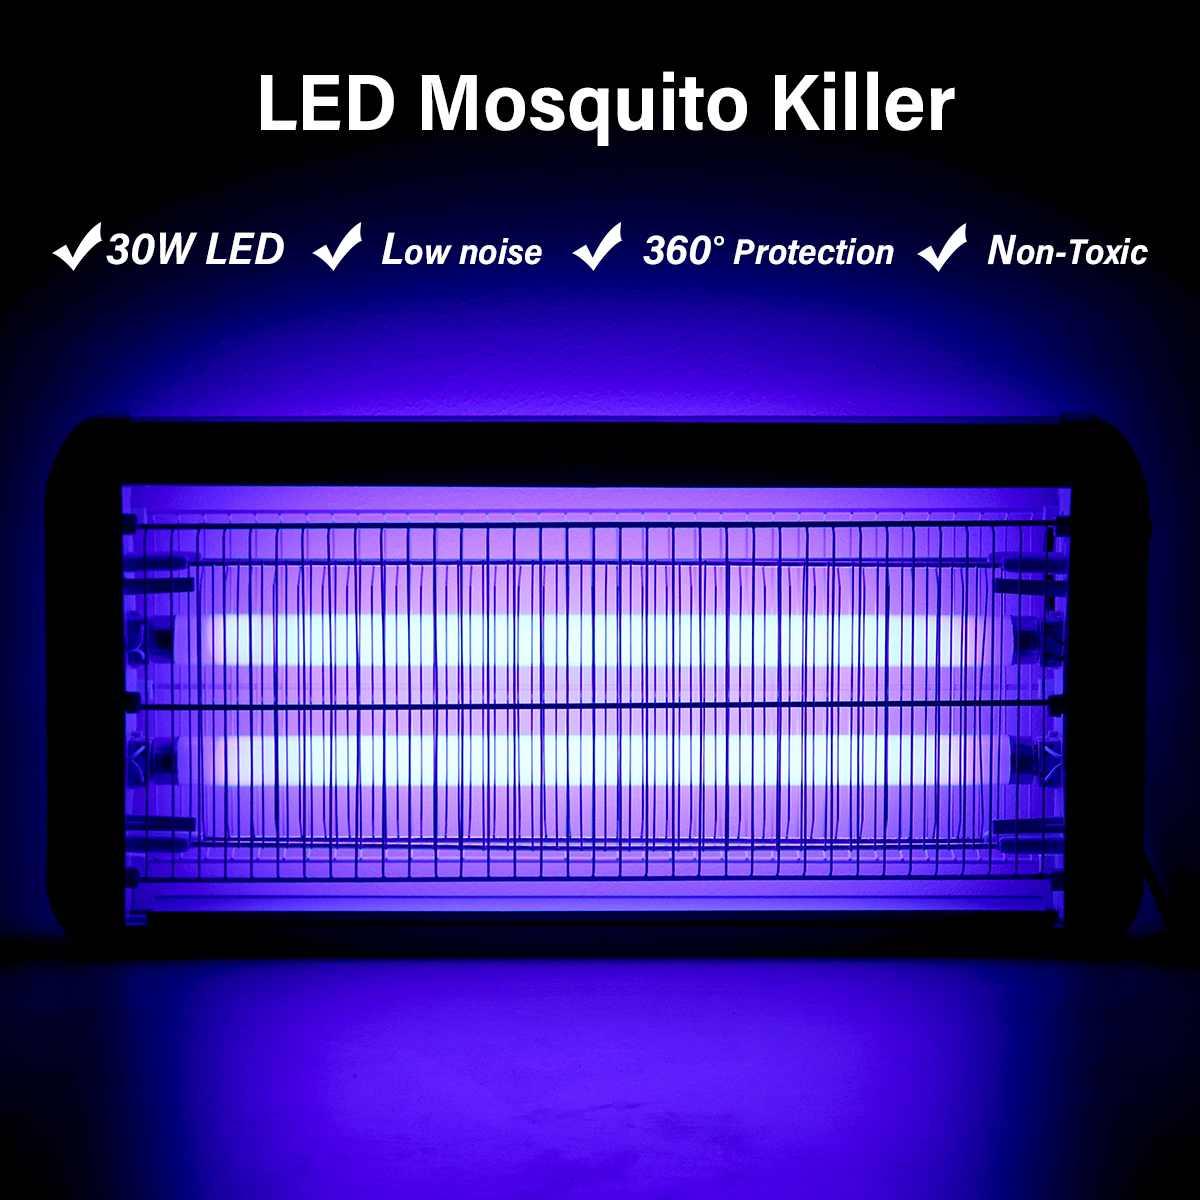 Fixé Au mur Électrique LED Moustique Tueur Lampe 30 W Ménage Extérieur Anti-insectes Ravageurs Moustiques Piège Bug Zapper Tueur Lumières